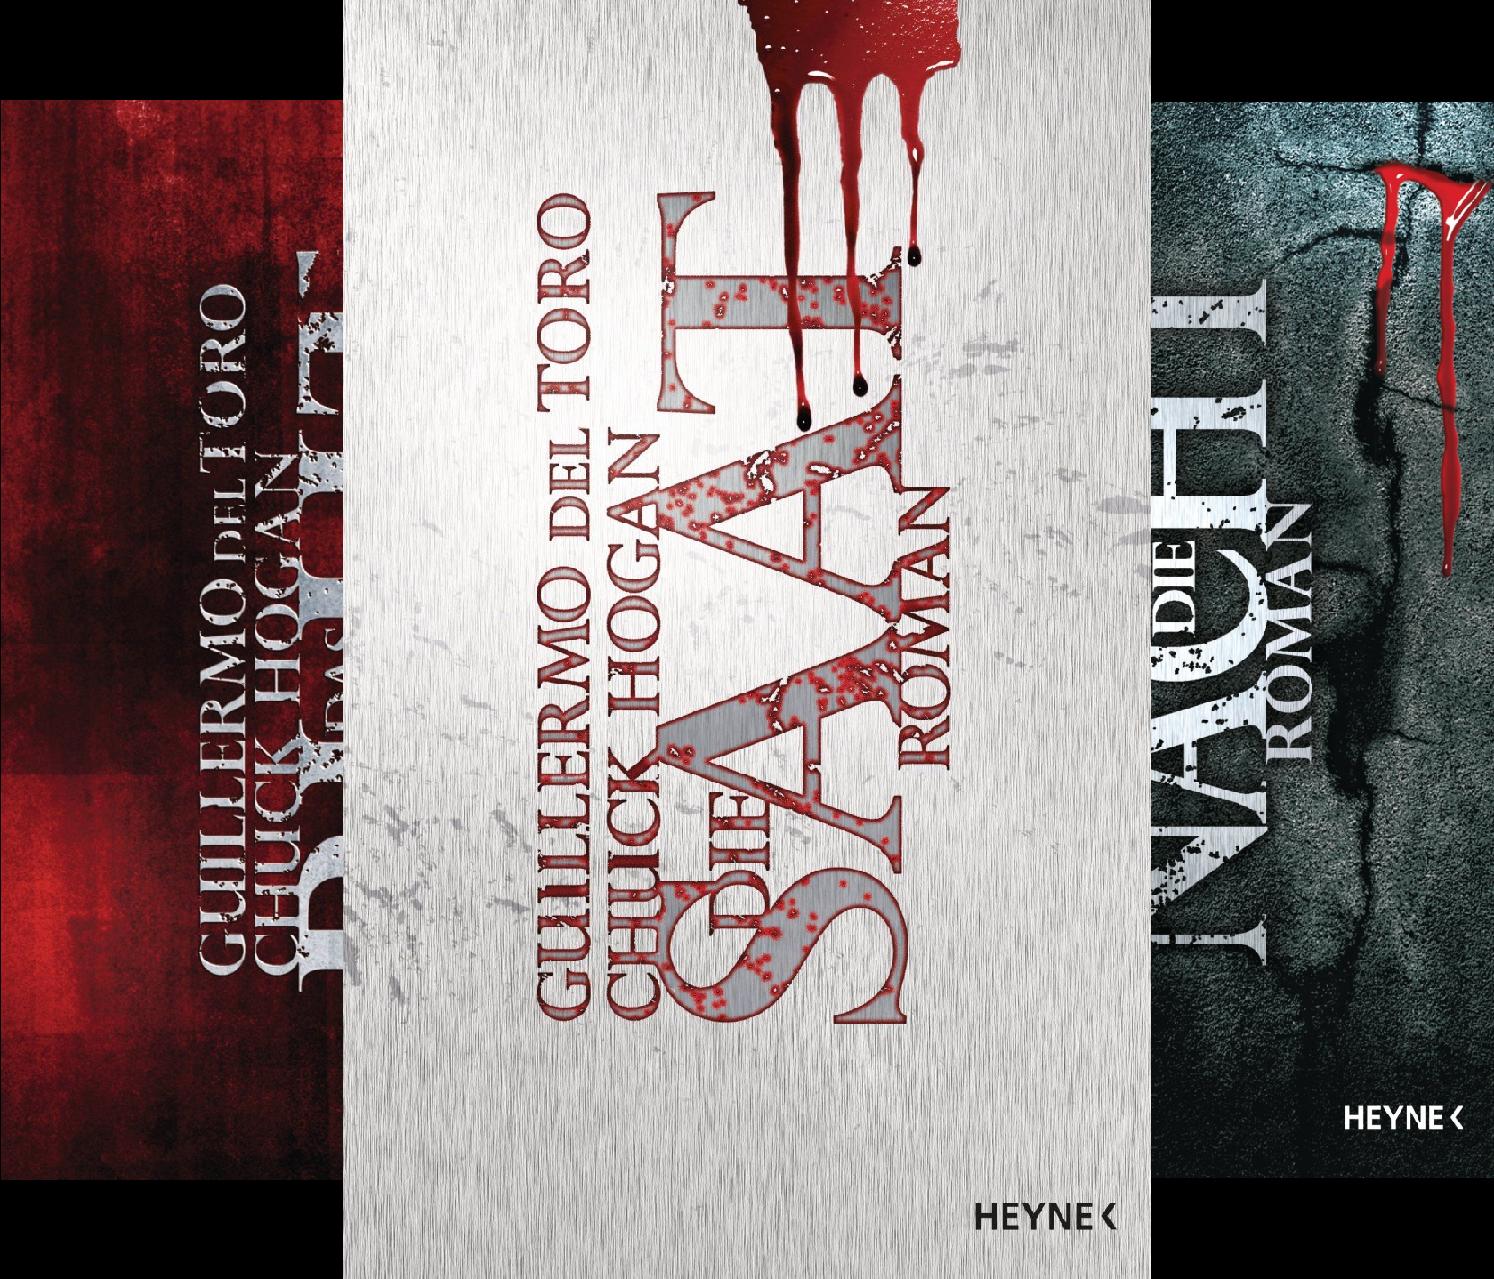 Download Vampir-Horror-Triologie (Reihe in 3 Bänden) B0159R9S10